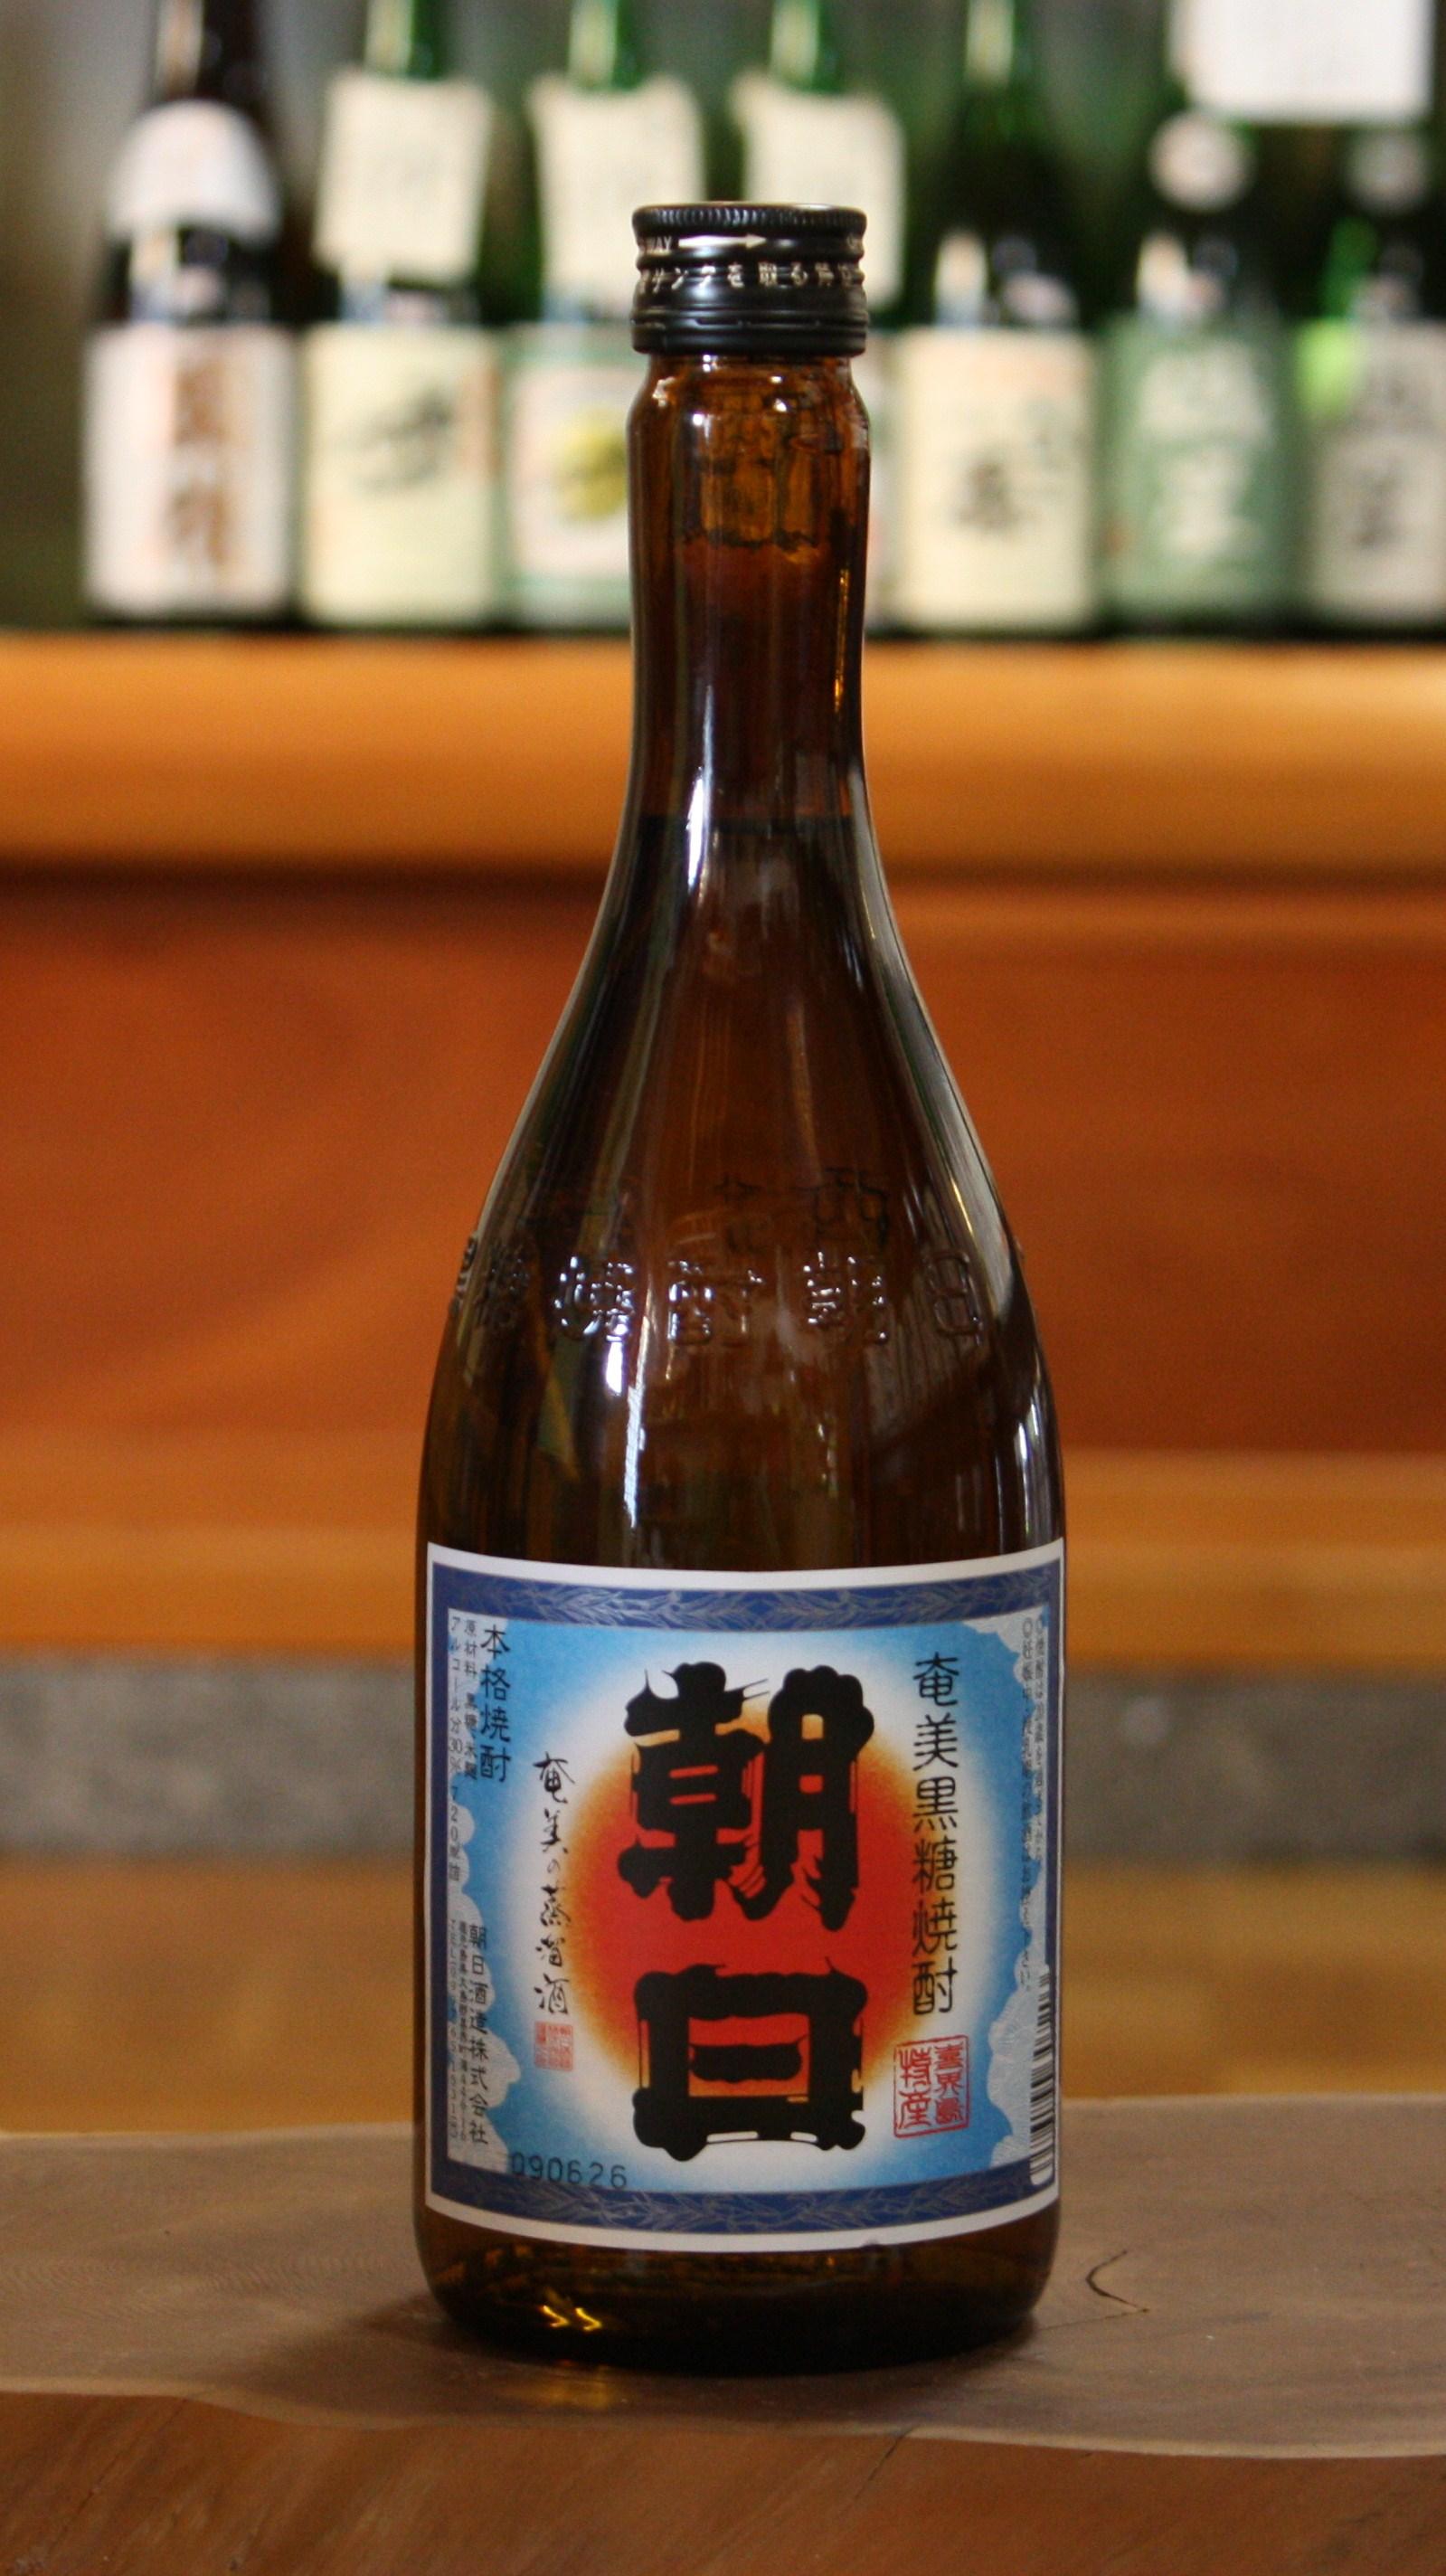 【鹿児島喜界島/朝日酒造】 朝日30度 (720ml)